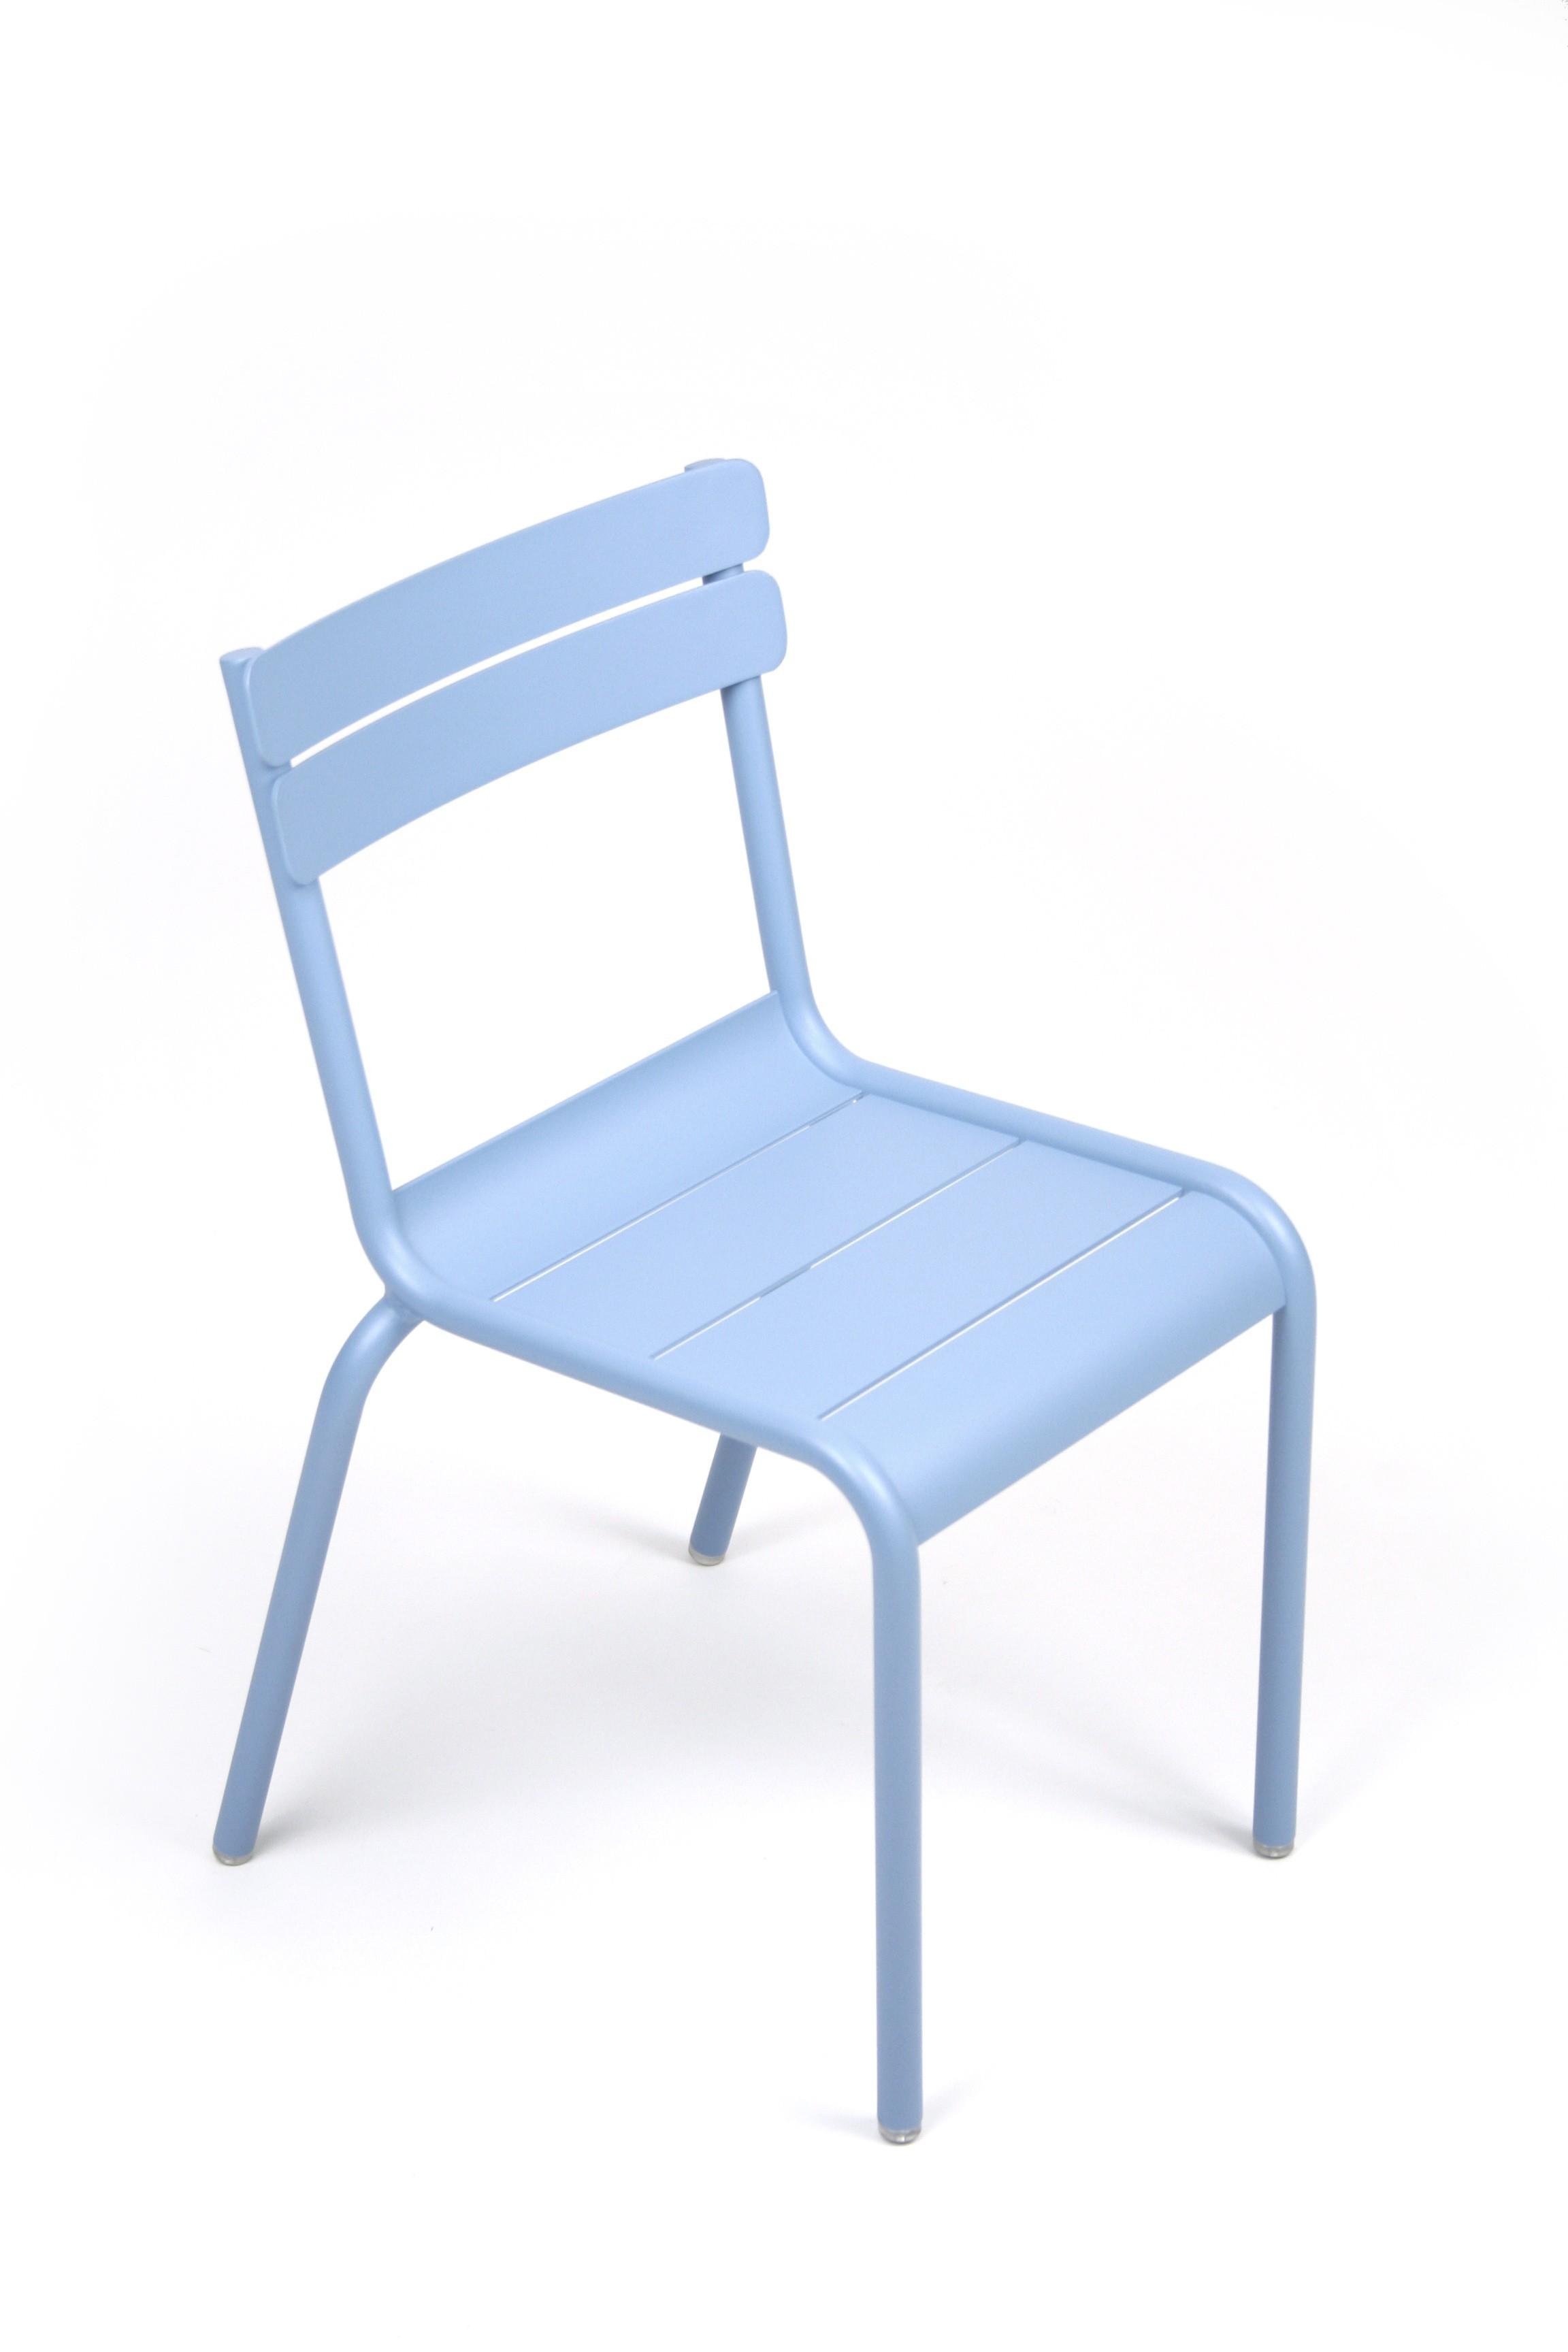 Chaise enfant luxembourg kid de fermob 24 coloris - Chaise fermob luxembourg ...